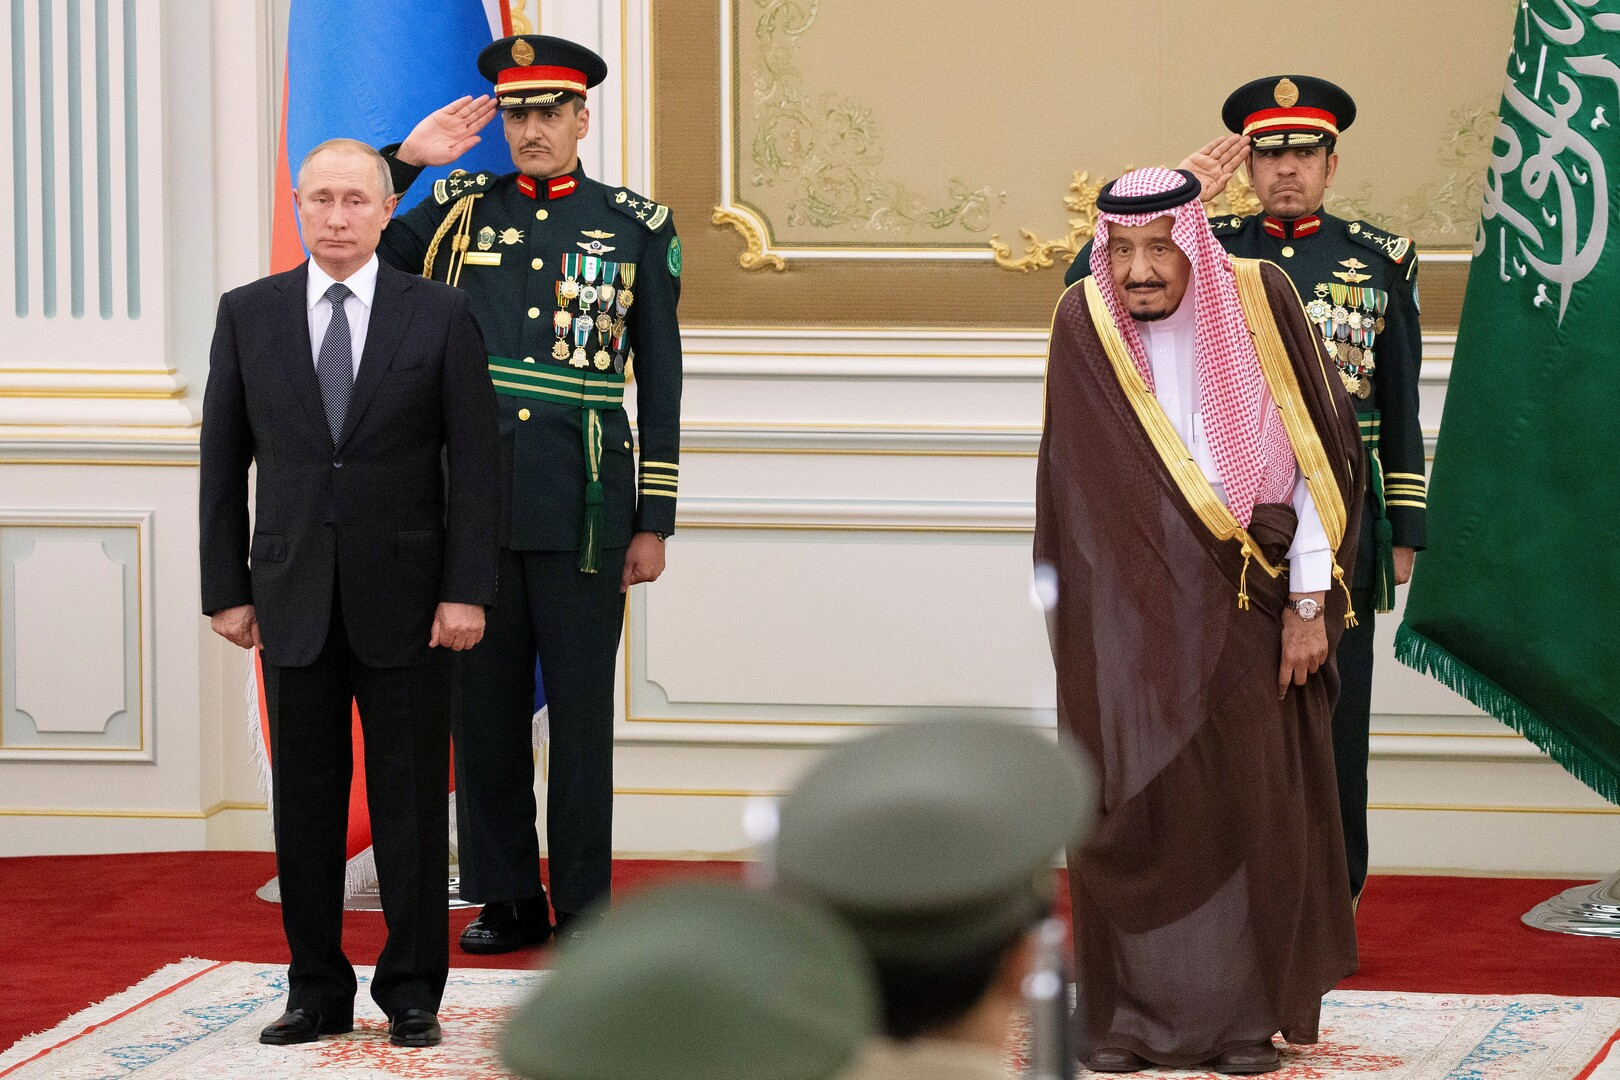 الرئيس الروسي فلاديمير بوتين والعاهل السعودي الملك سلمان بن عبد العزيز